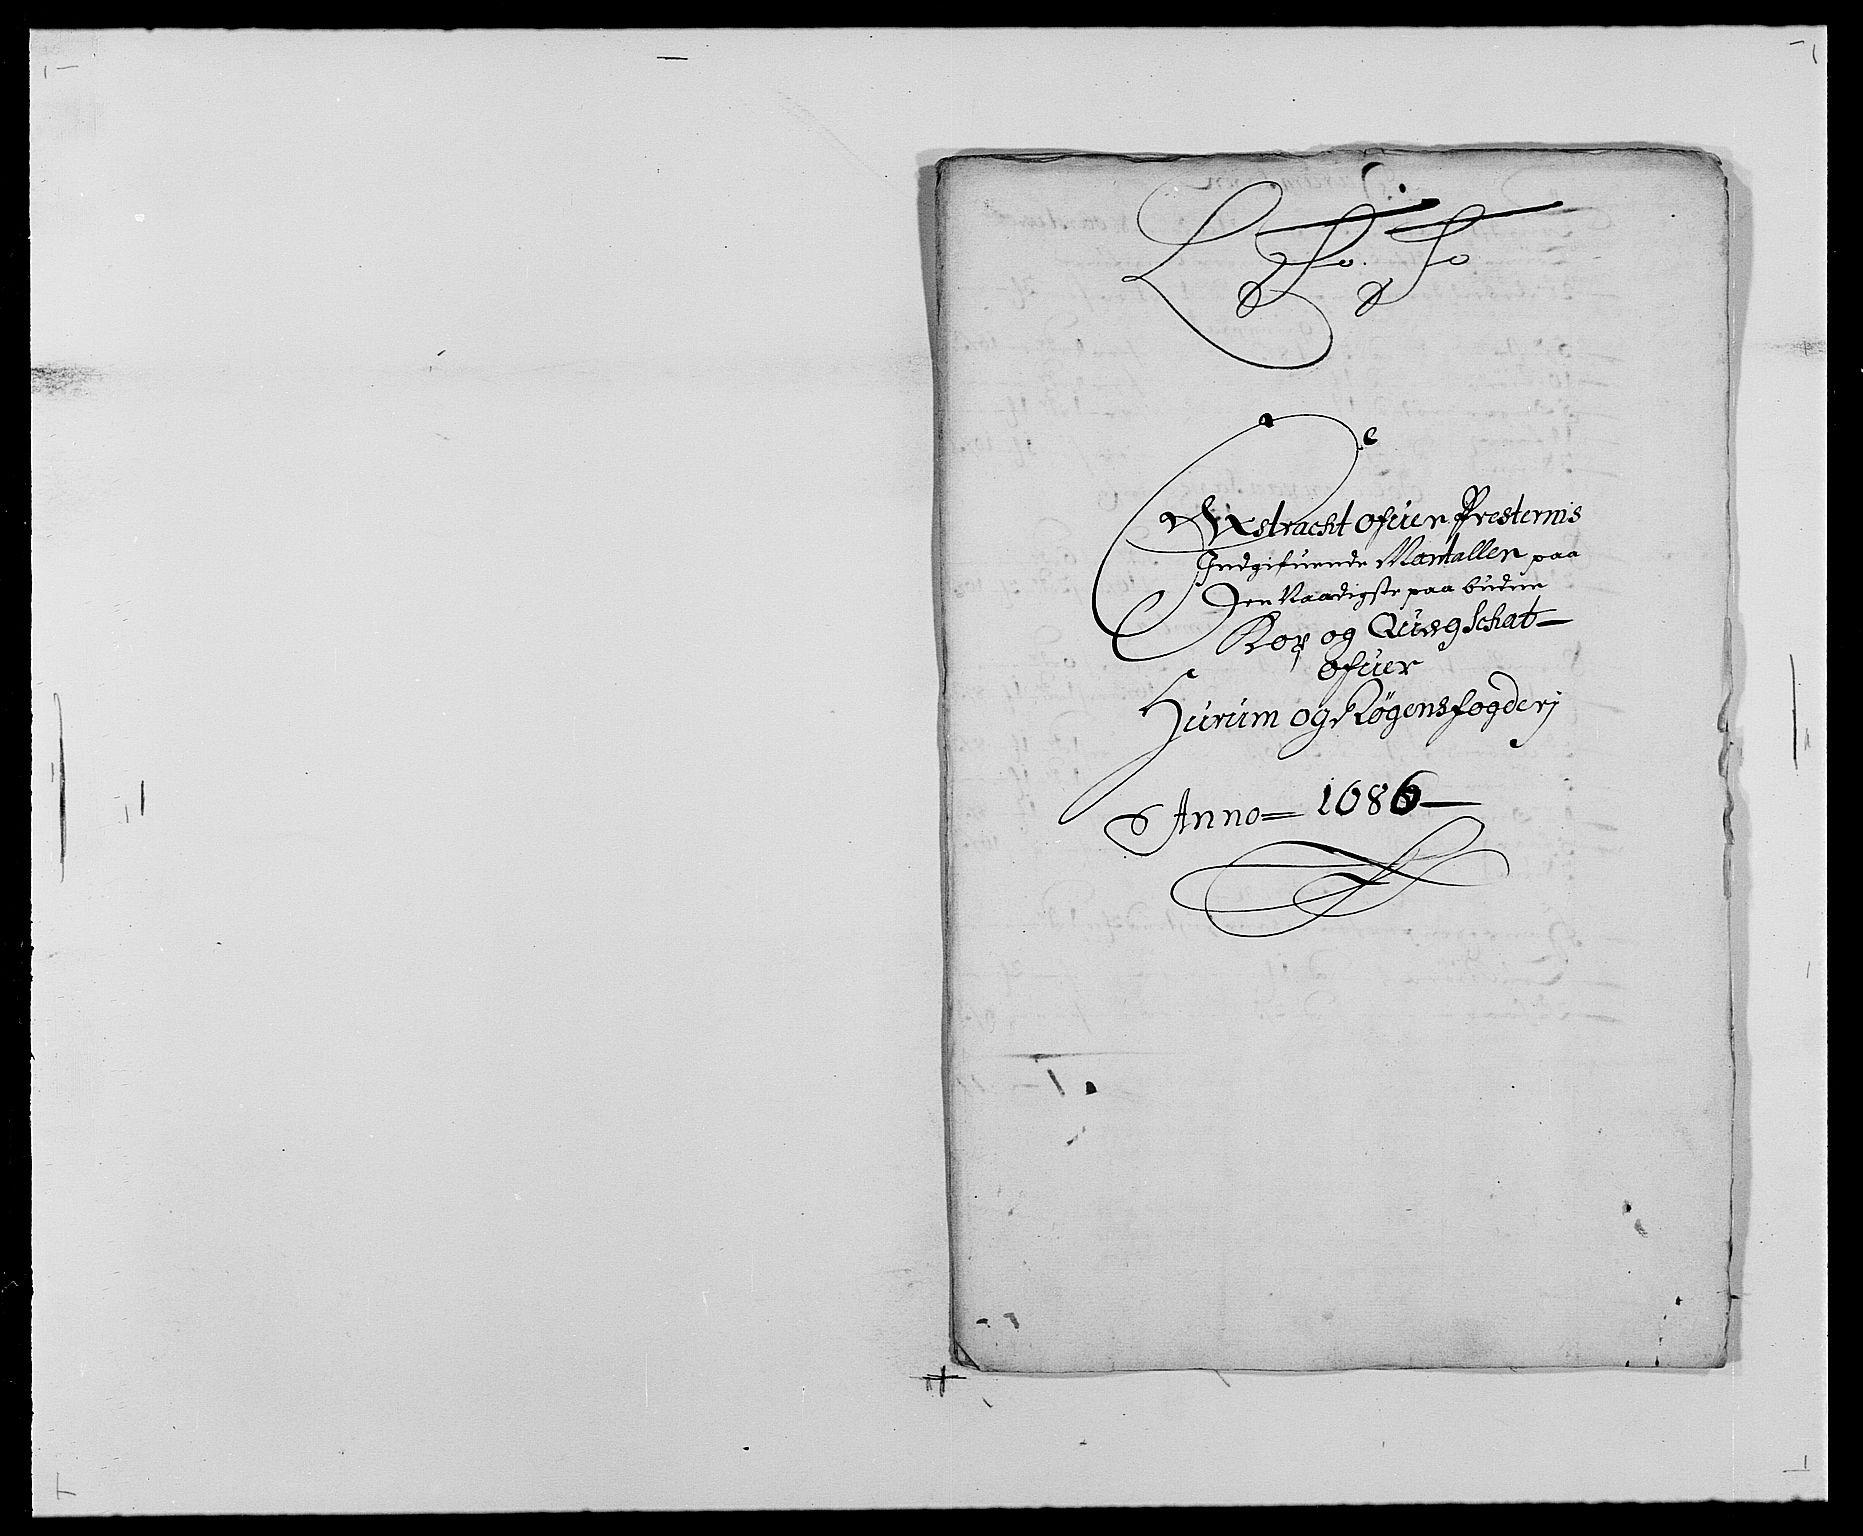 RA, Rentekammeret inntil 1814, Reviderte regnskaper, Fogderegnskap, R29/L1692: Fogderegnskap Hurum og Røyken, 1682-1687, s. 297